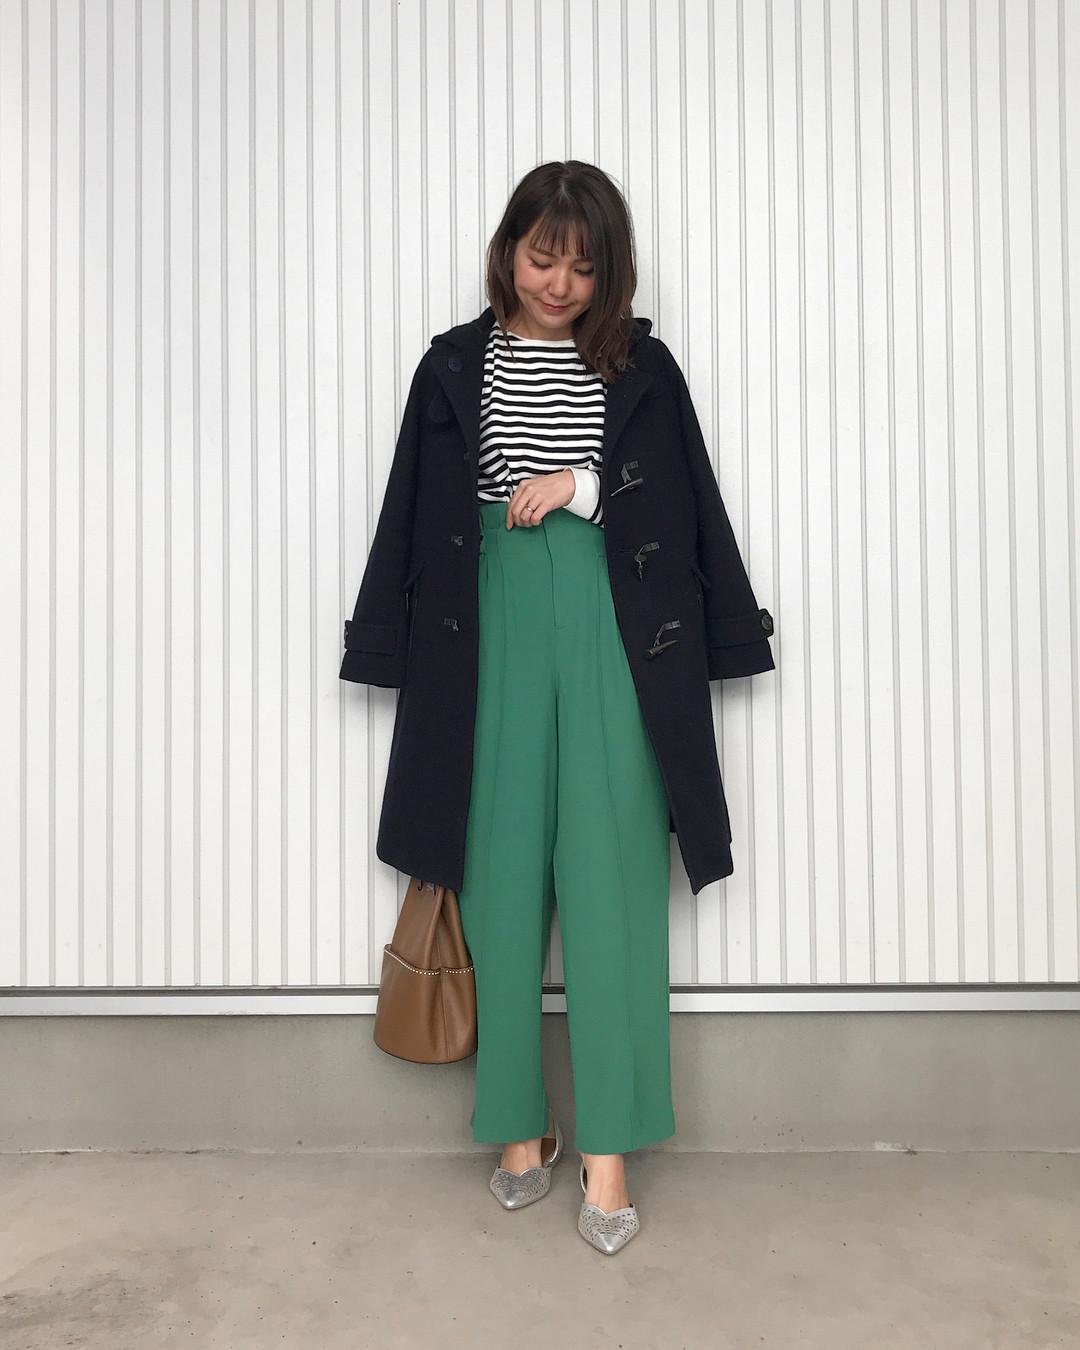 グリーンのワイドパンツでトレンド感 natsu420